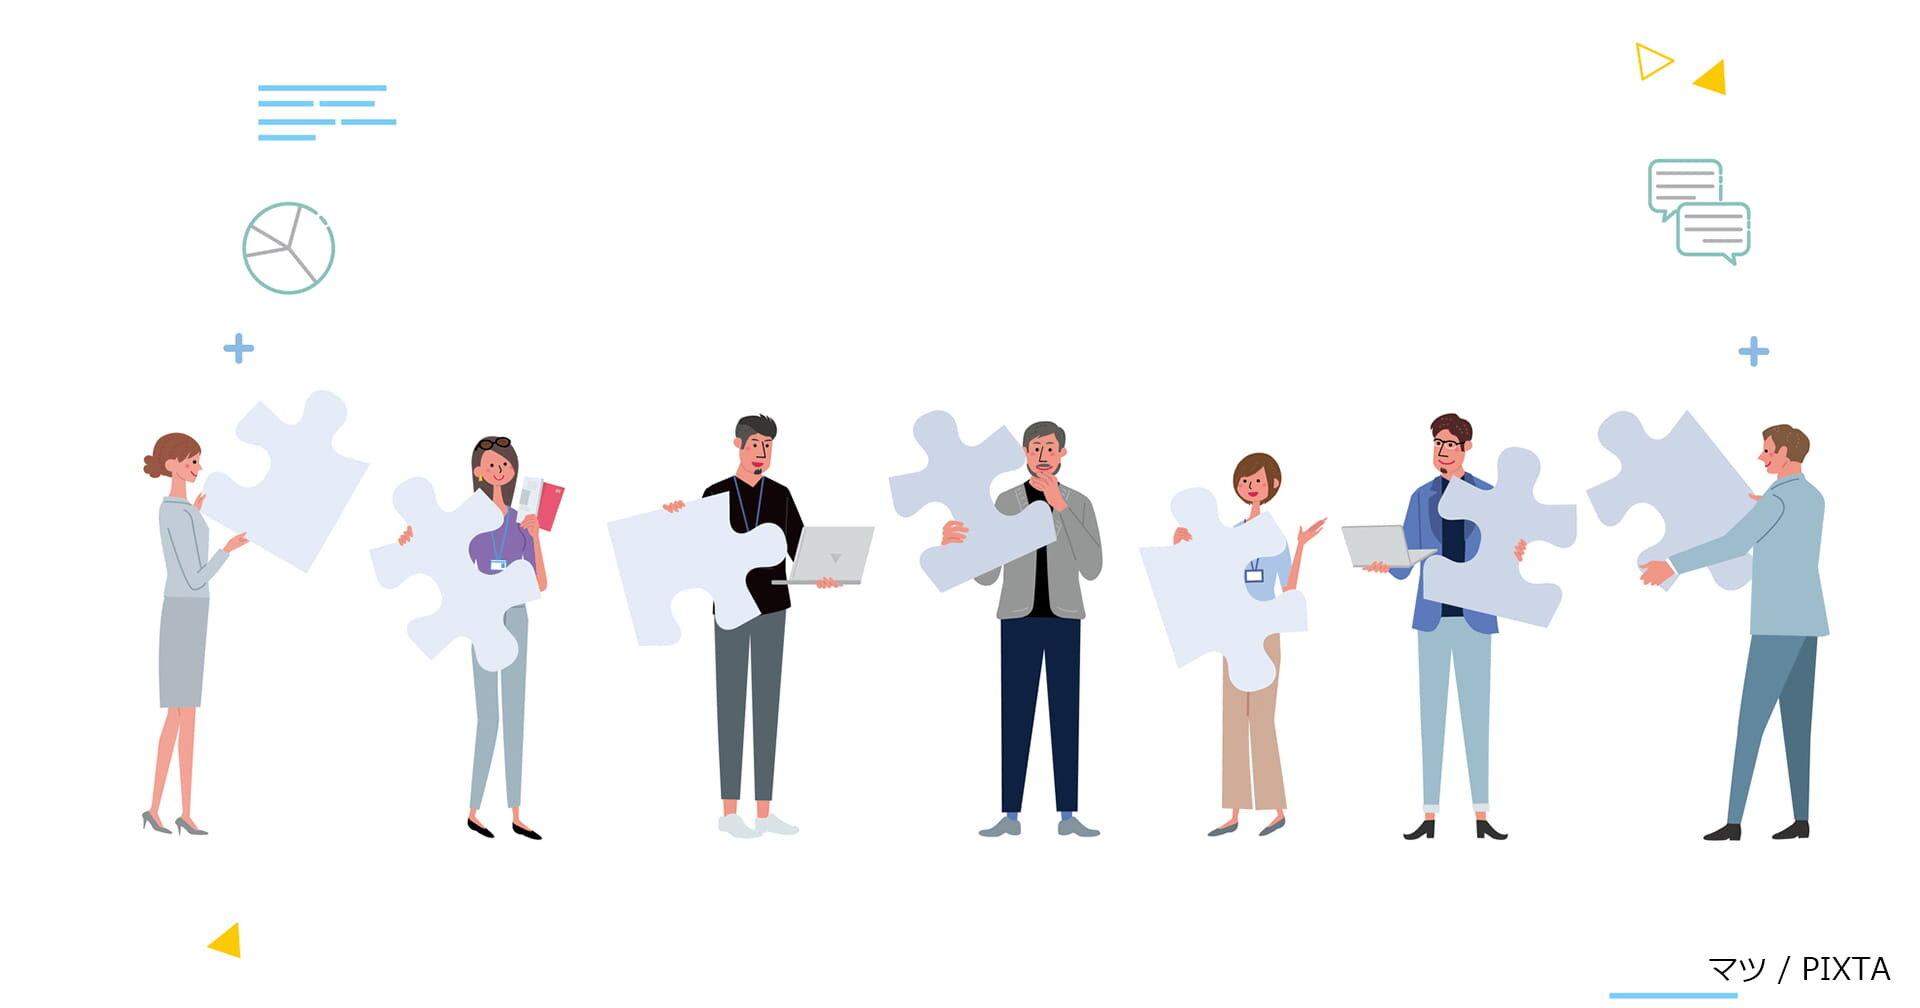 個人と組織のつながりをつくるマネジメント~考え方と実践方法